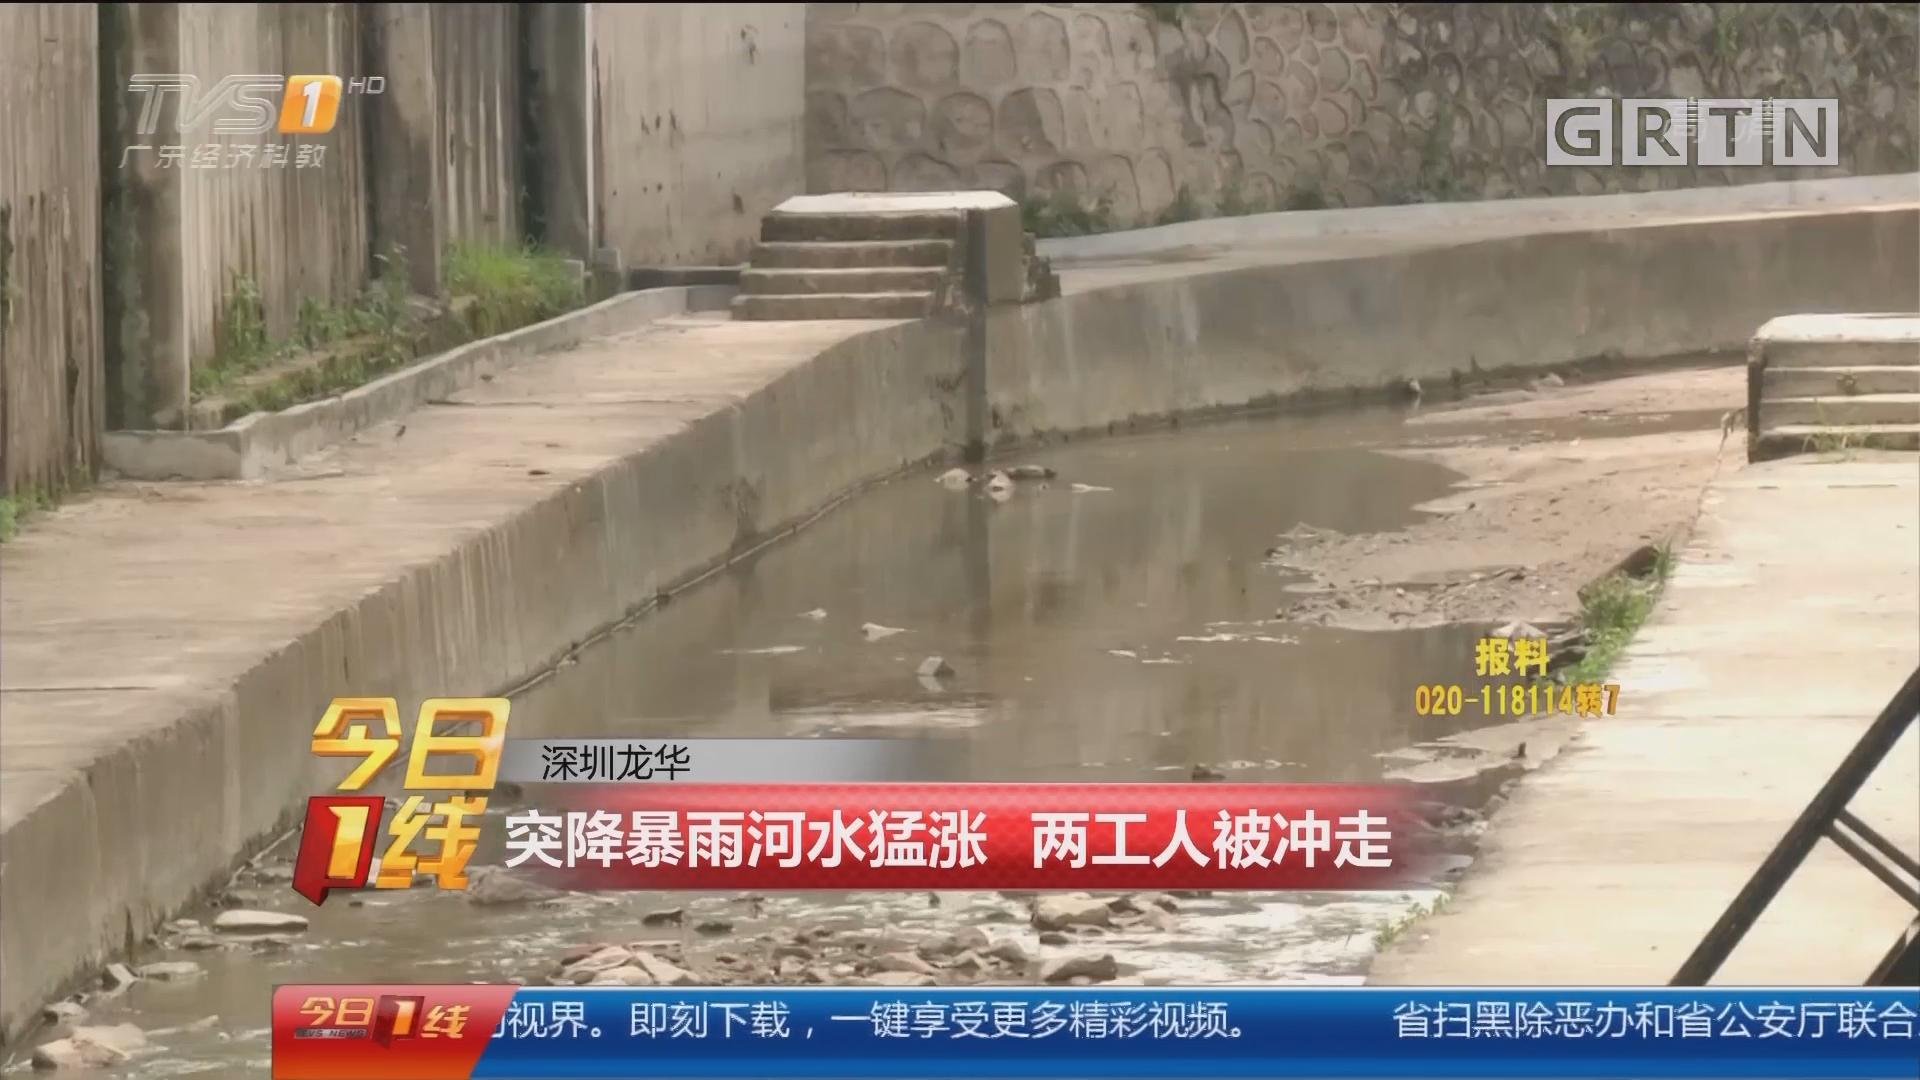 深圳龙华:突降暴雨河水猛涨 两工人被冲走